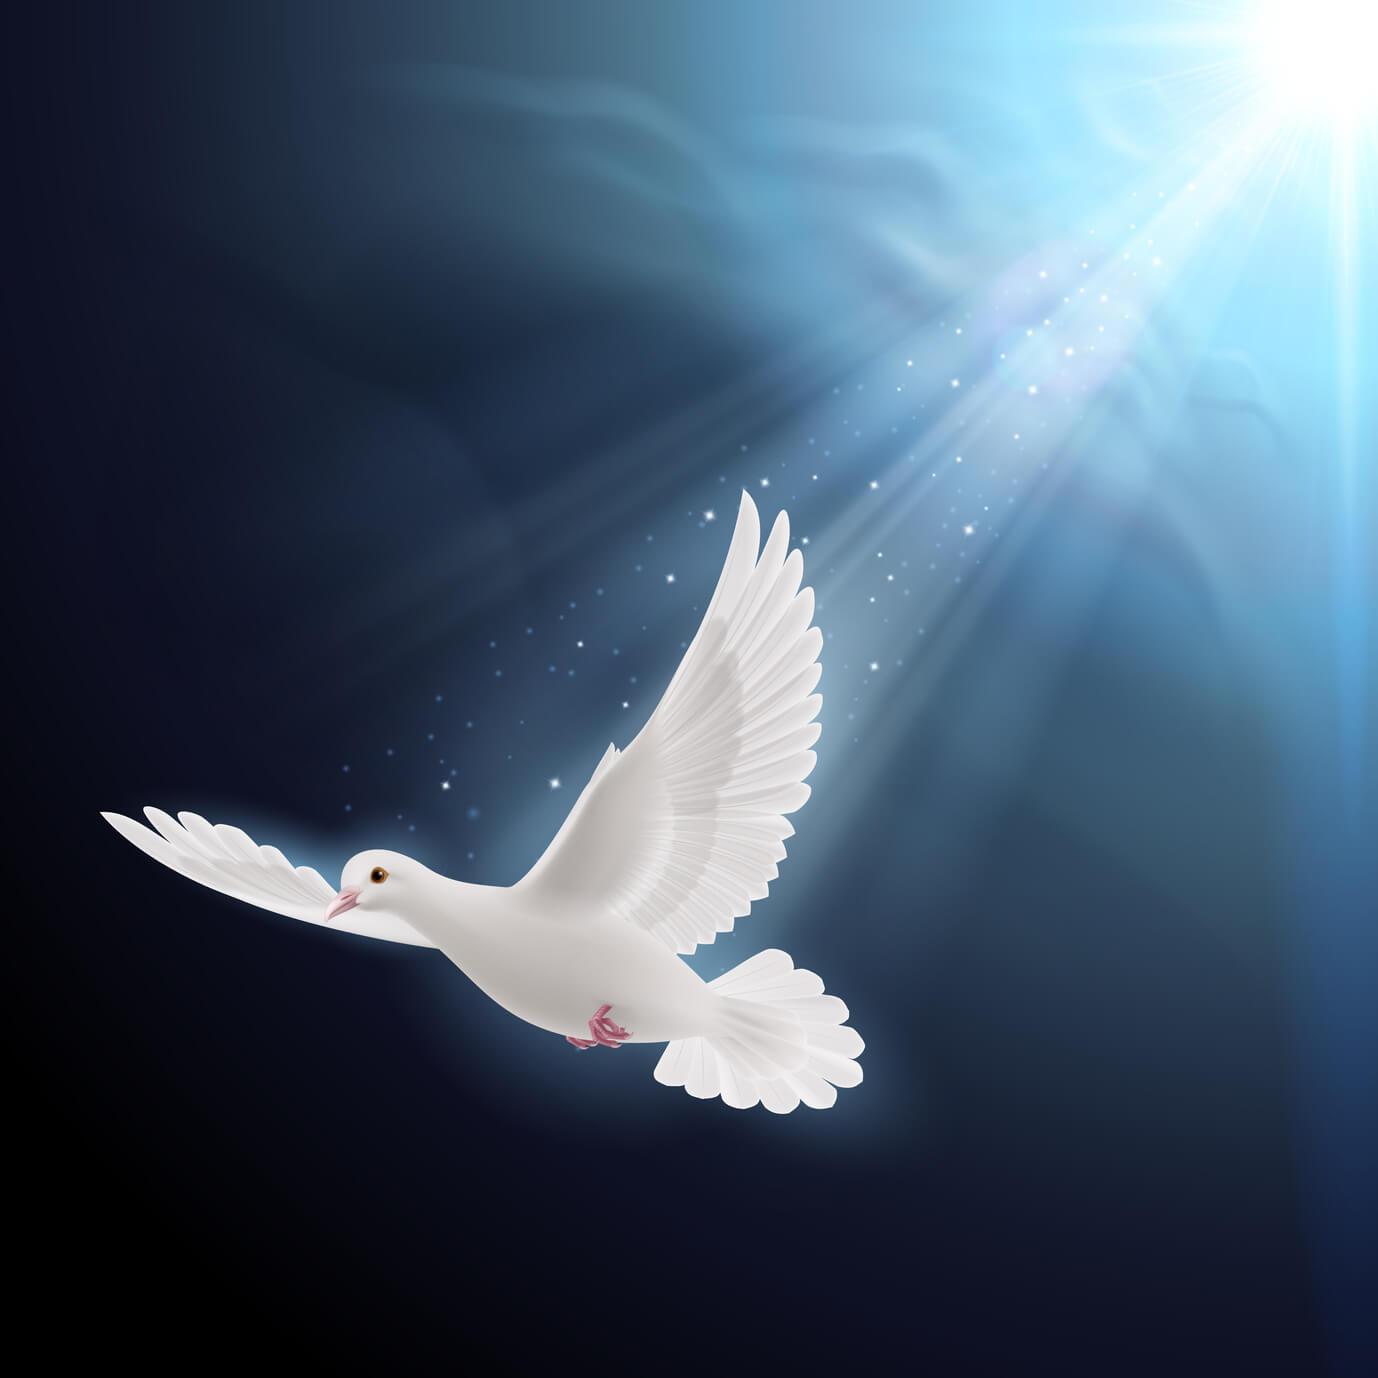 Importancia De La Fe Y Esperanza